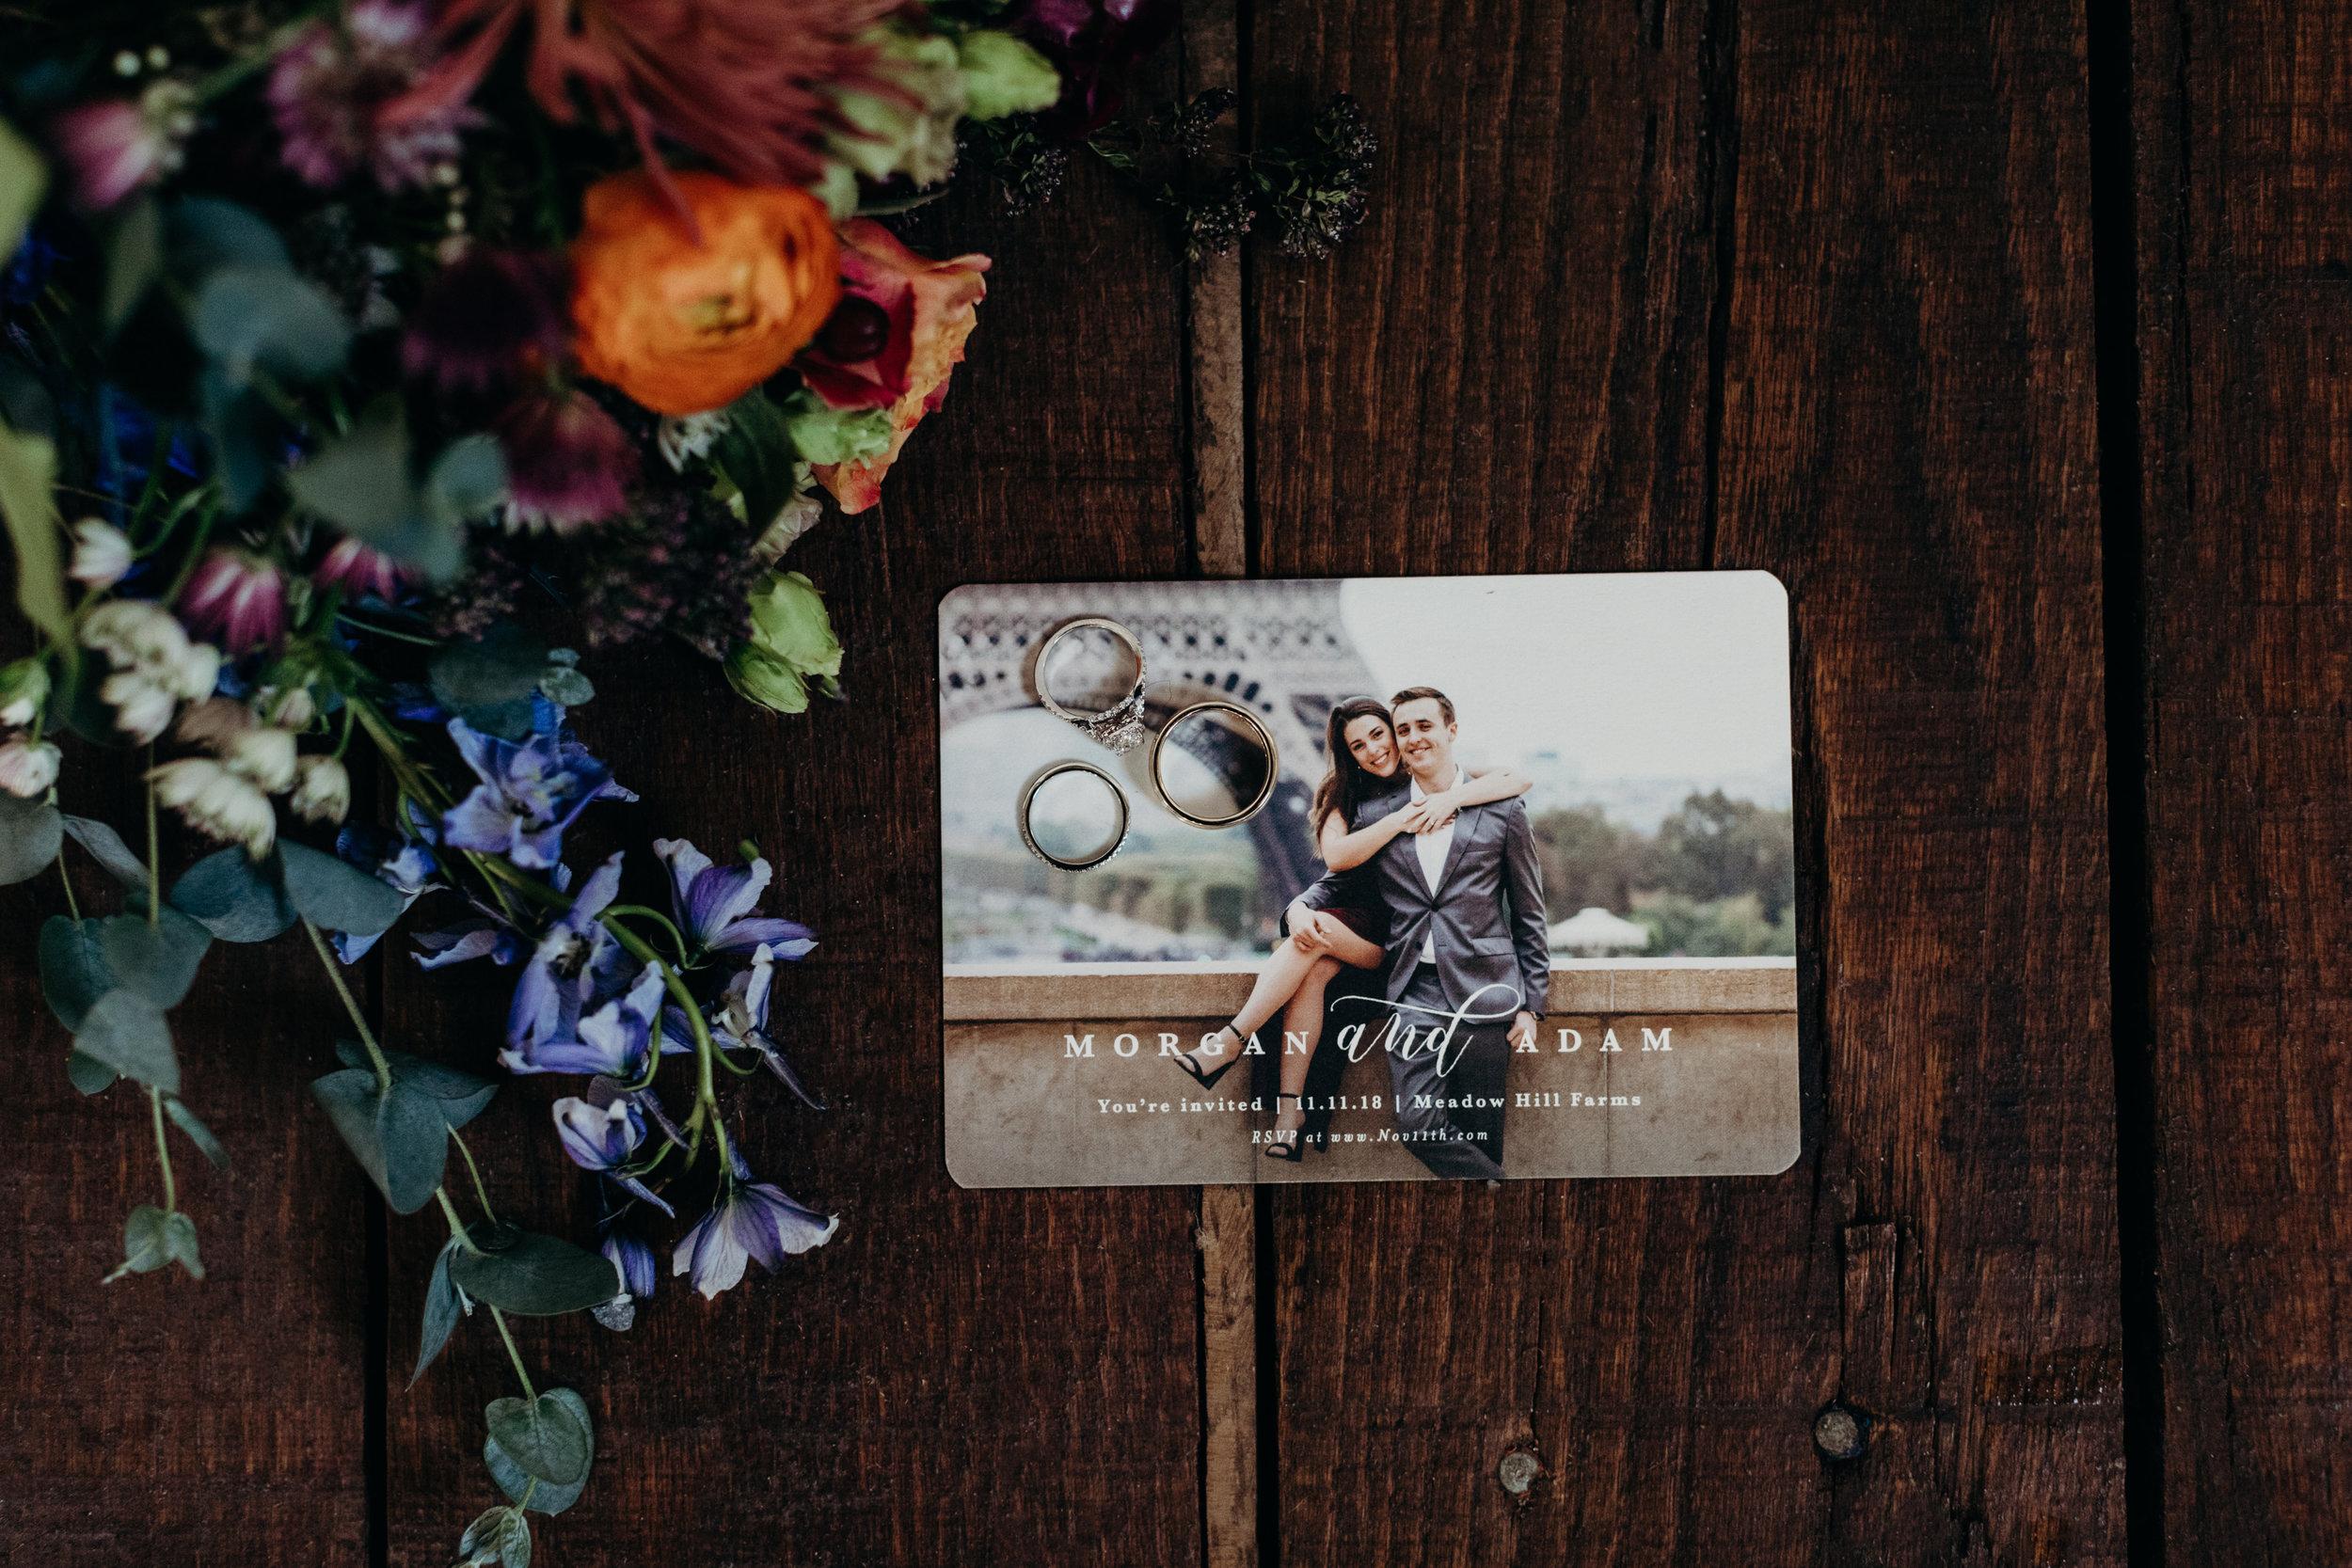 018-ltw-morgan-adam-wedding.jpg